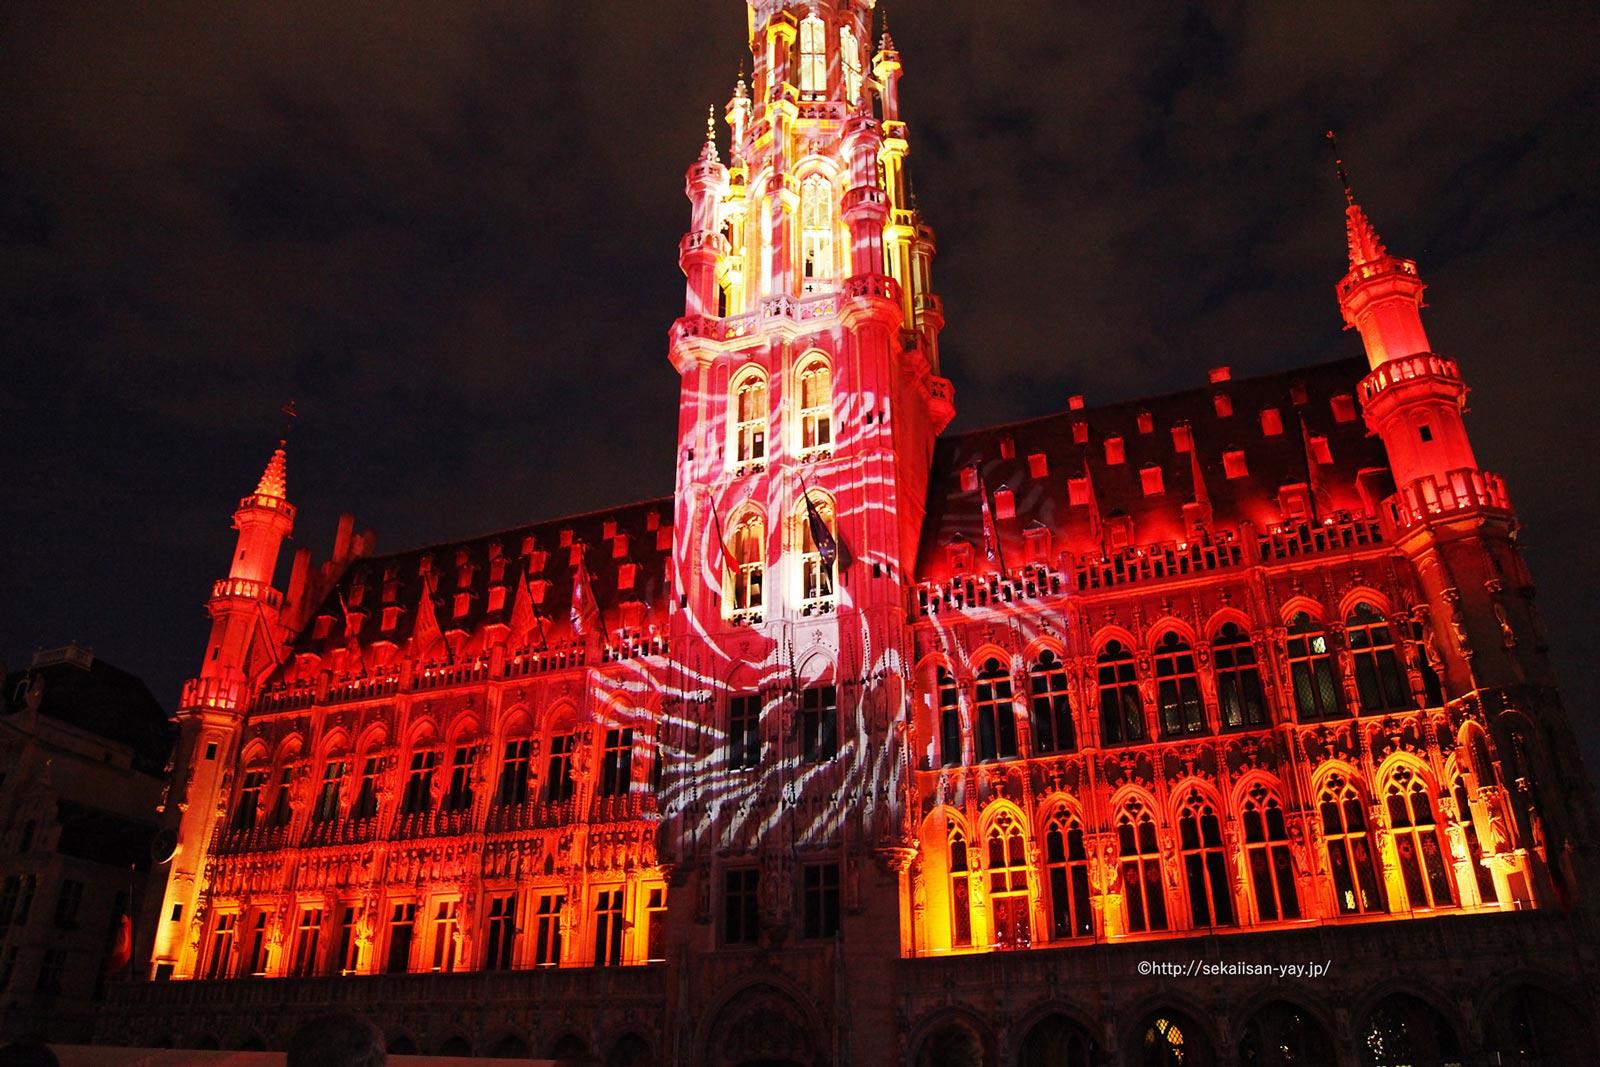 ベルギー「ブリュッセルのグラン-プラス」夜景